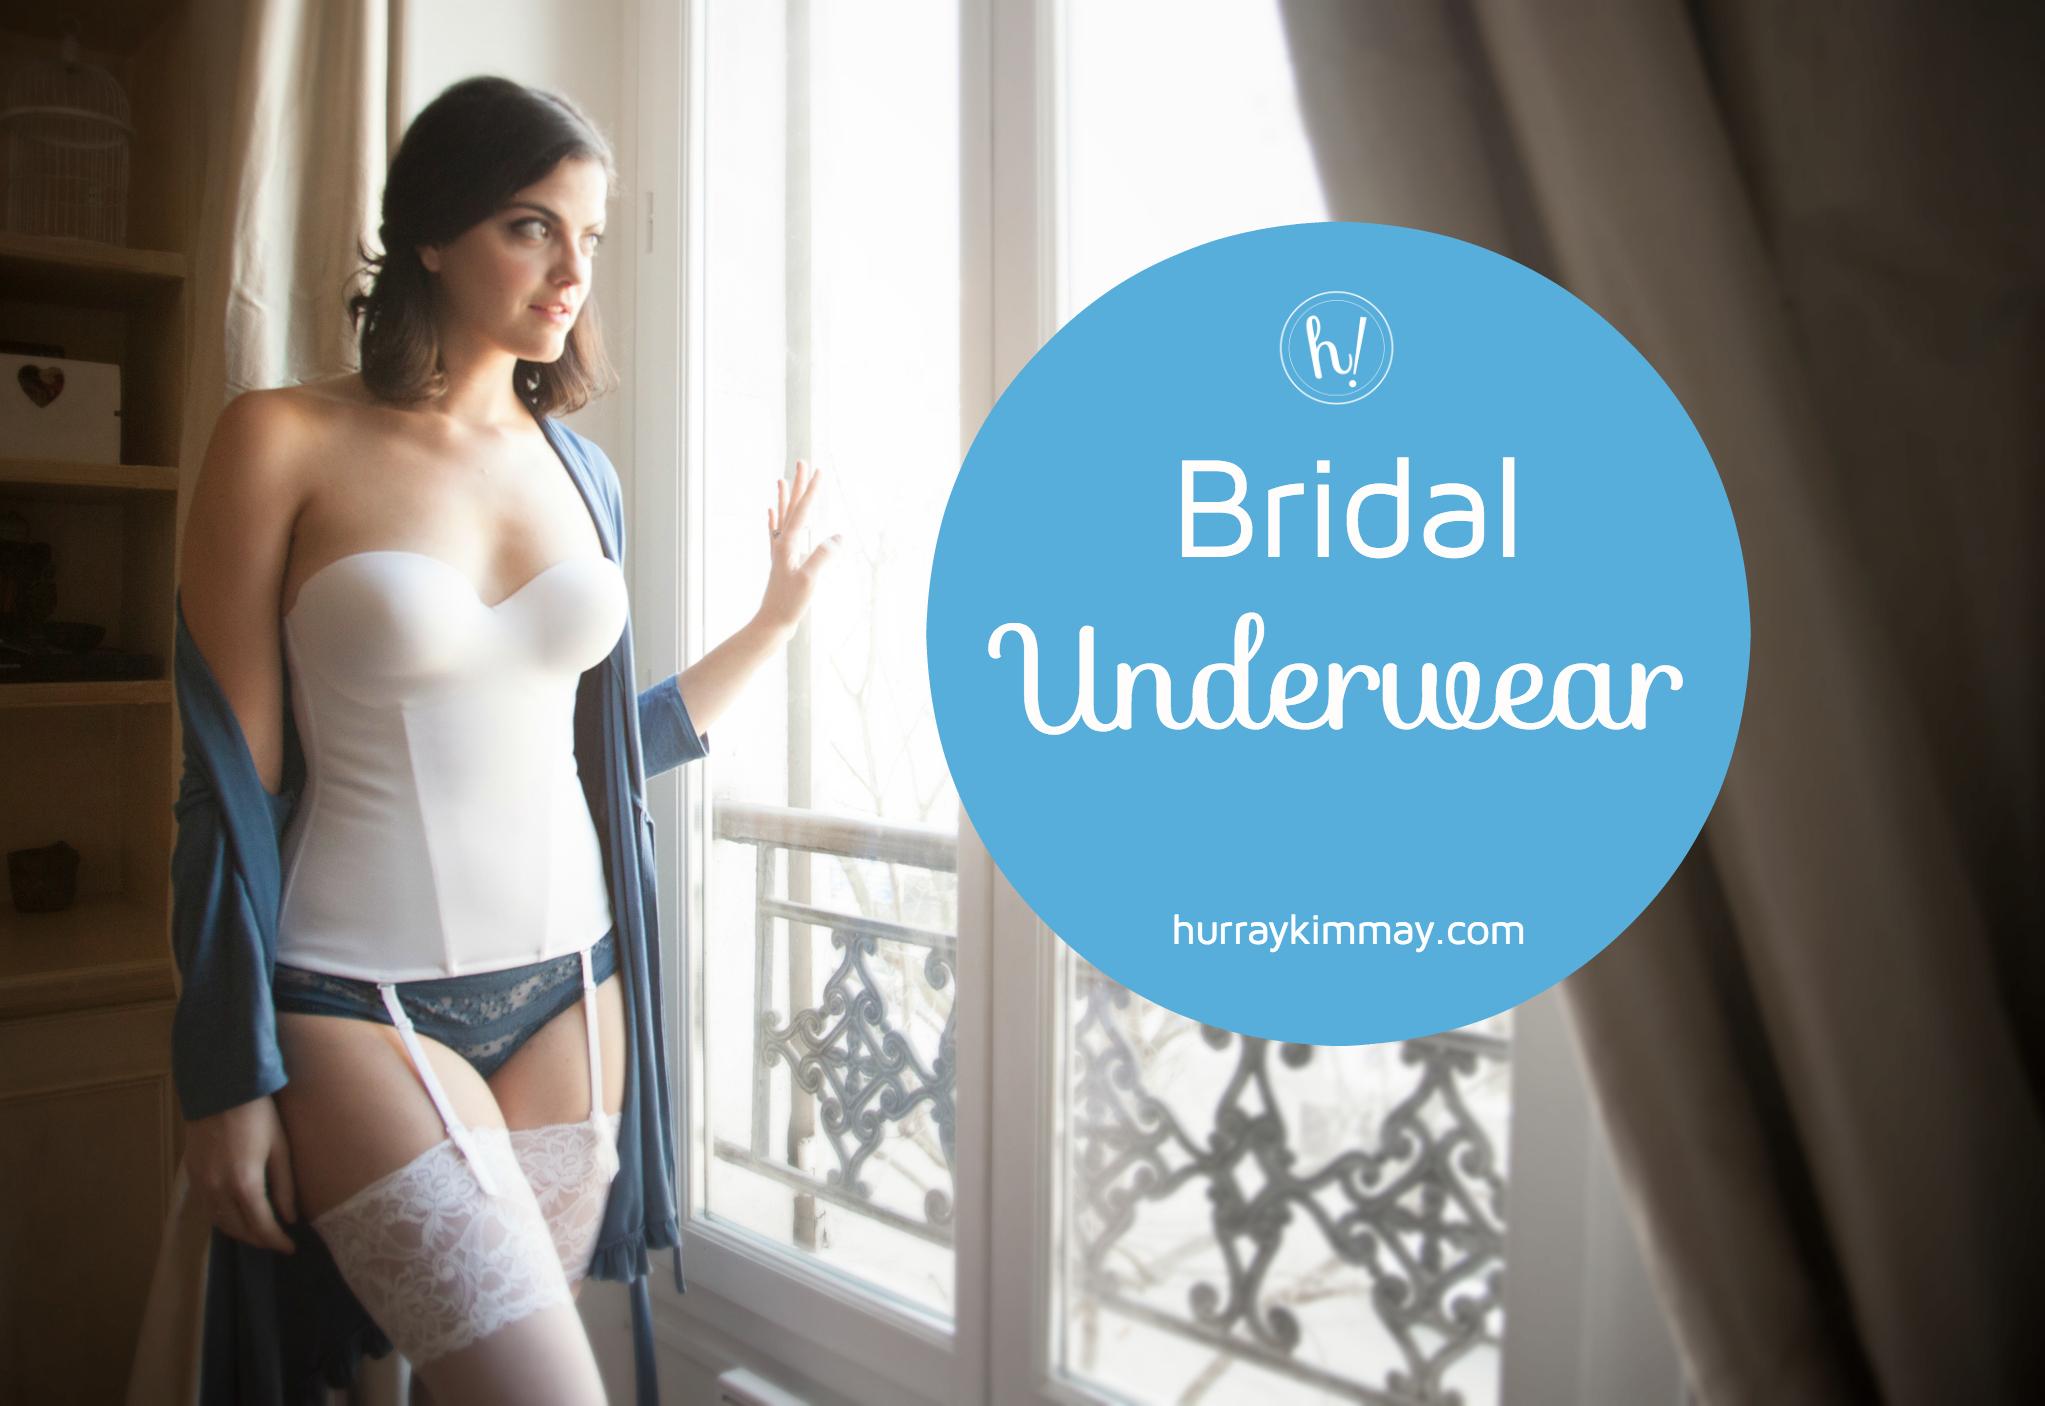 8c0baa8c811 Bridal Underwear - Hurray Kimmay